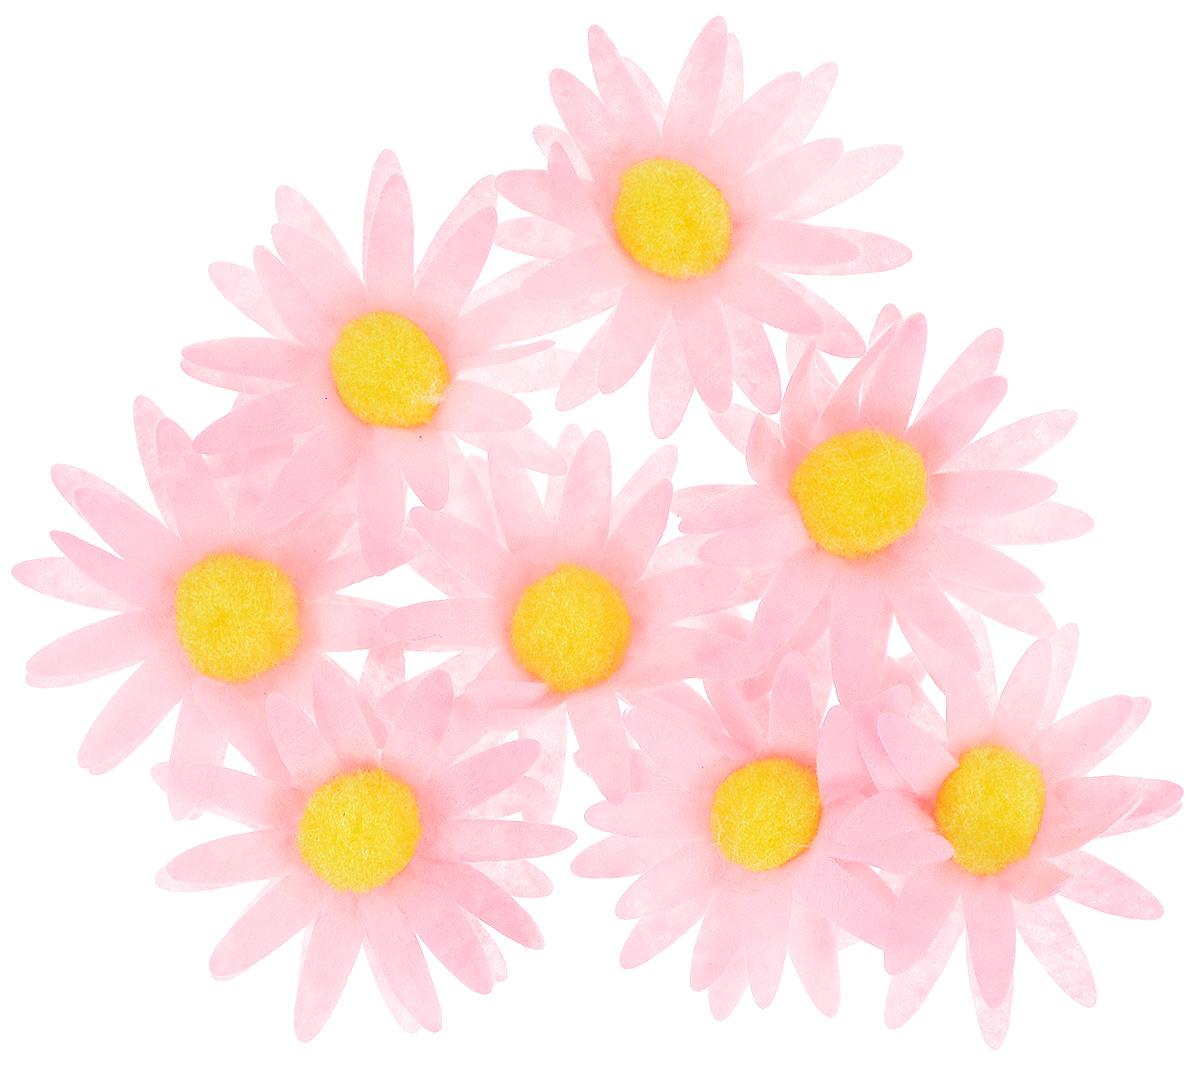 Набор для декорирования Home Queen Ромашка, на клейкой основе, цвет: розовый, 8 шт60874_3Набор Home Queen Ромашка состоит из 8 декоративных элементов, которые изготовлены из фетра в виде цветов. Они крепятся практически на любую поверхность при помощи клейкой основы с обратной стороны. Изделия можно использовать для украшения яиц, посуды, цветочных горшков, ваз и многого другого. Творчество способно приносить массу приятных эмоций не только человеку, который этим занимается, но и его близким, друзьям, родным. Набор Home Queen Ромашка красиво дополнит интерьер и создаст теплую весеннюю атмосферу. Отлично подойдет для декора дома к Пасхе. Диаметр элемента: 4,5 см.